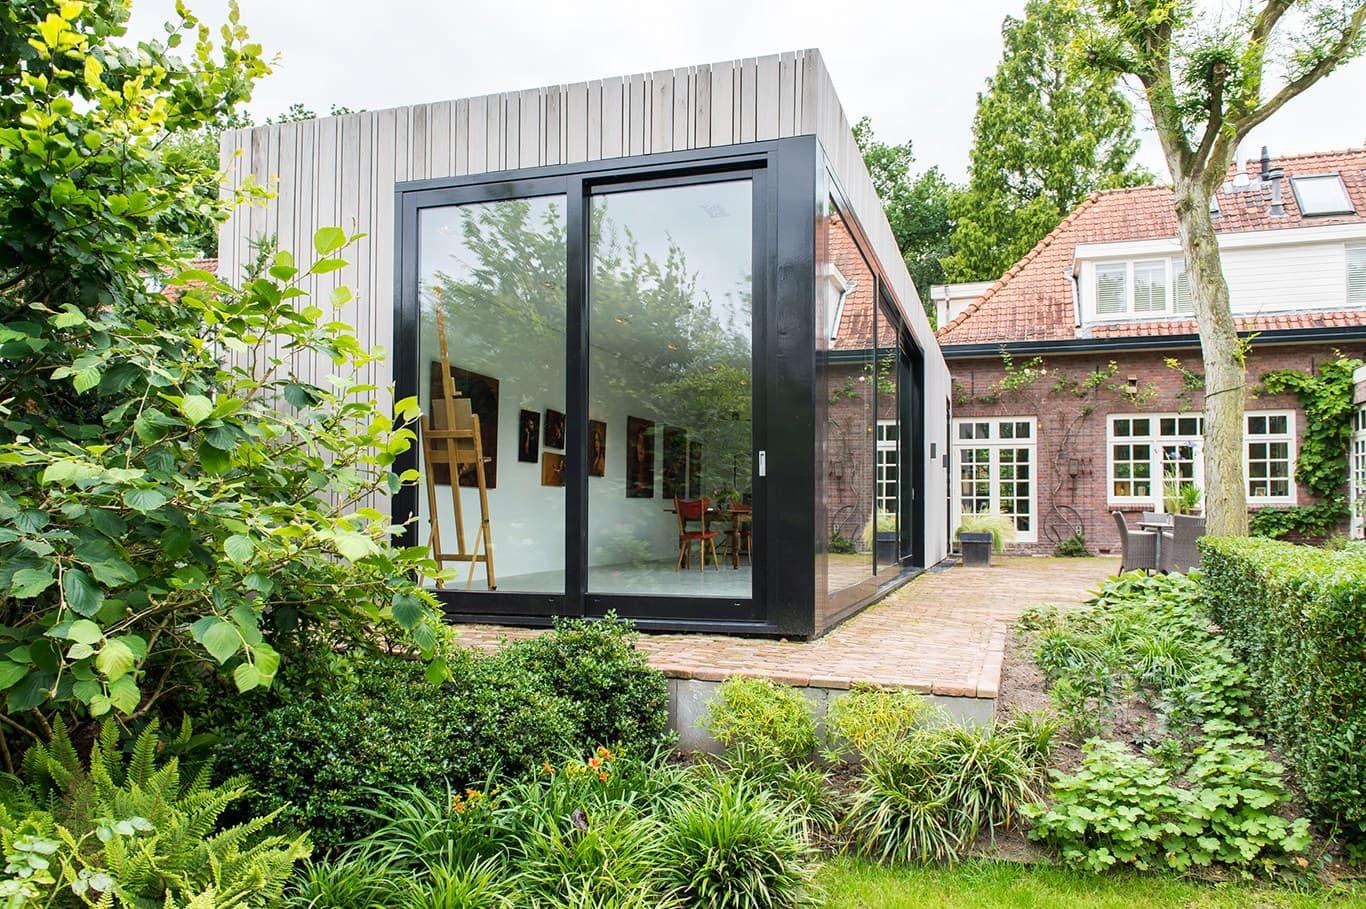 Atelier voor portretschilder in Breda. De overgang tussen aanbouw met atelier en de bestaande woning is bewust contrasterend gehouden. Dus een volledig andere stijl geeft duidelijk aan dat het om een toevoeging gaat aan een bestaand gebouw en valt af te lezen als een bijna autonoom gebouw, maar toch onderdeel van het geheel.